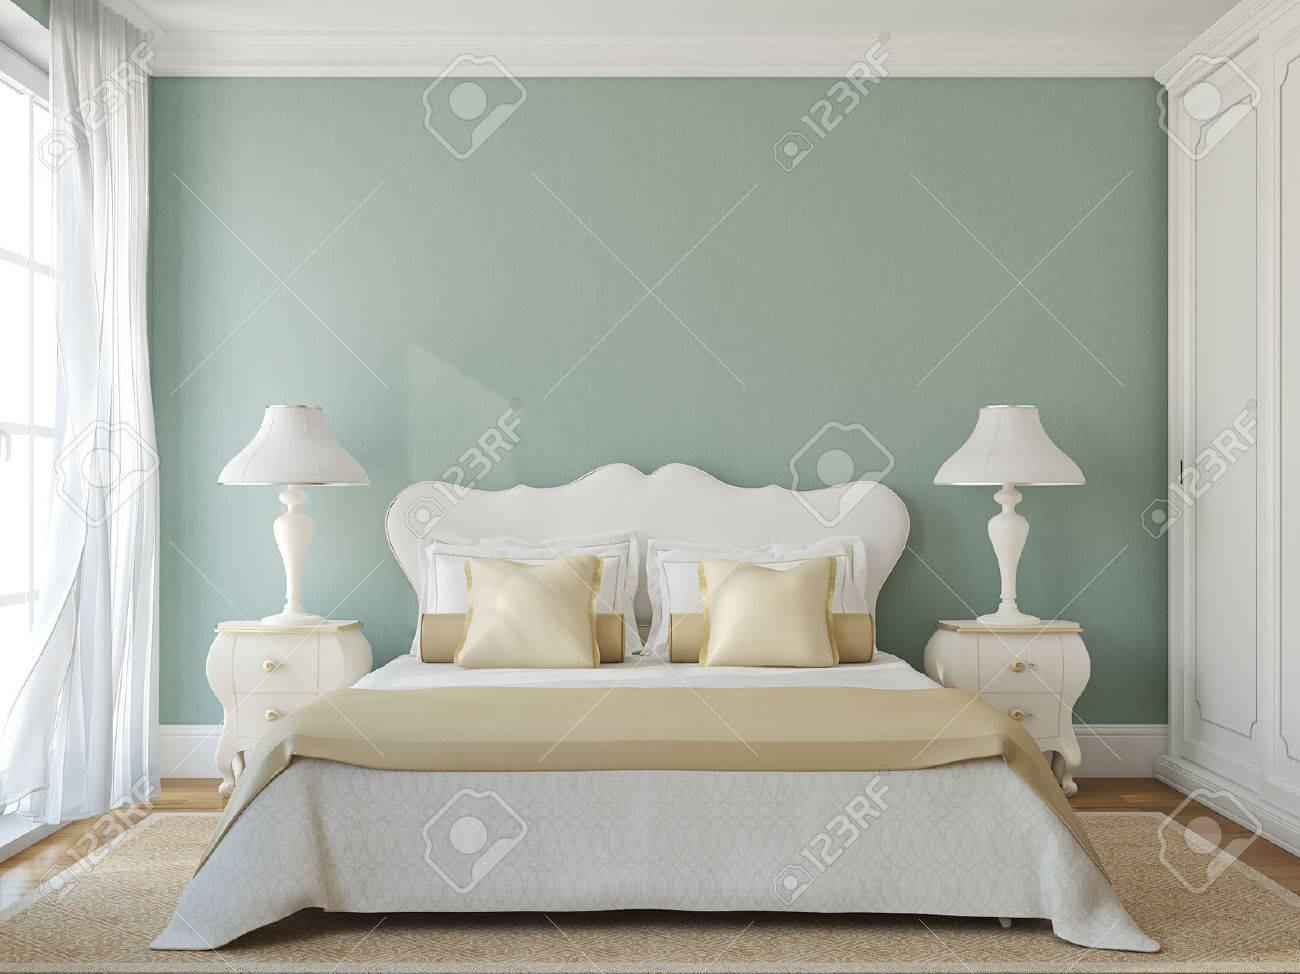 47689296-klassieke-slaapkamer-interieur-